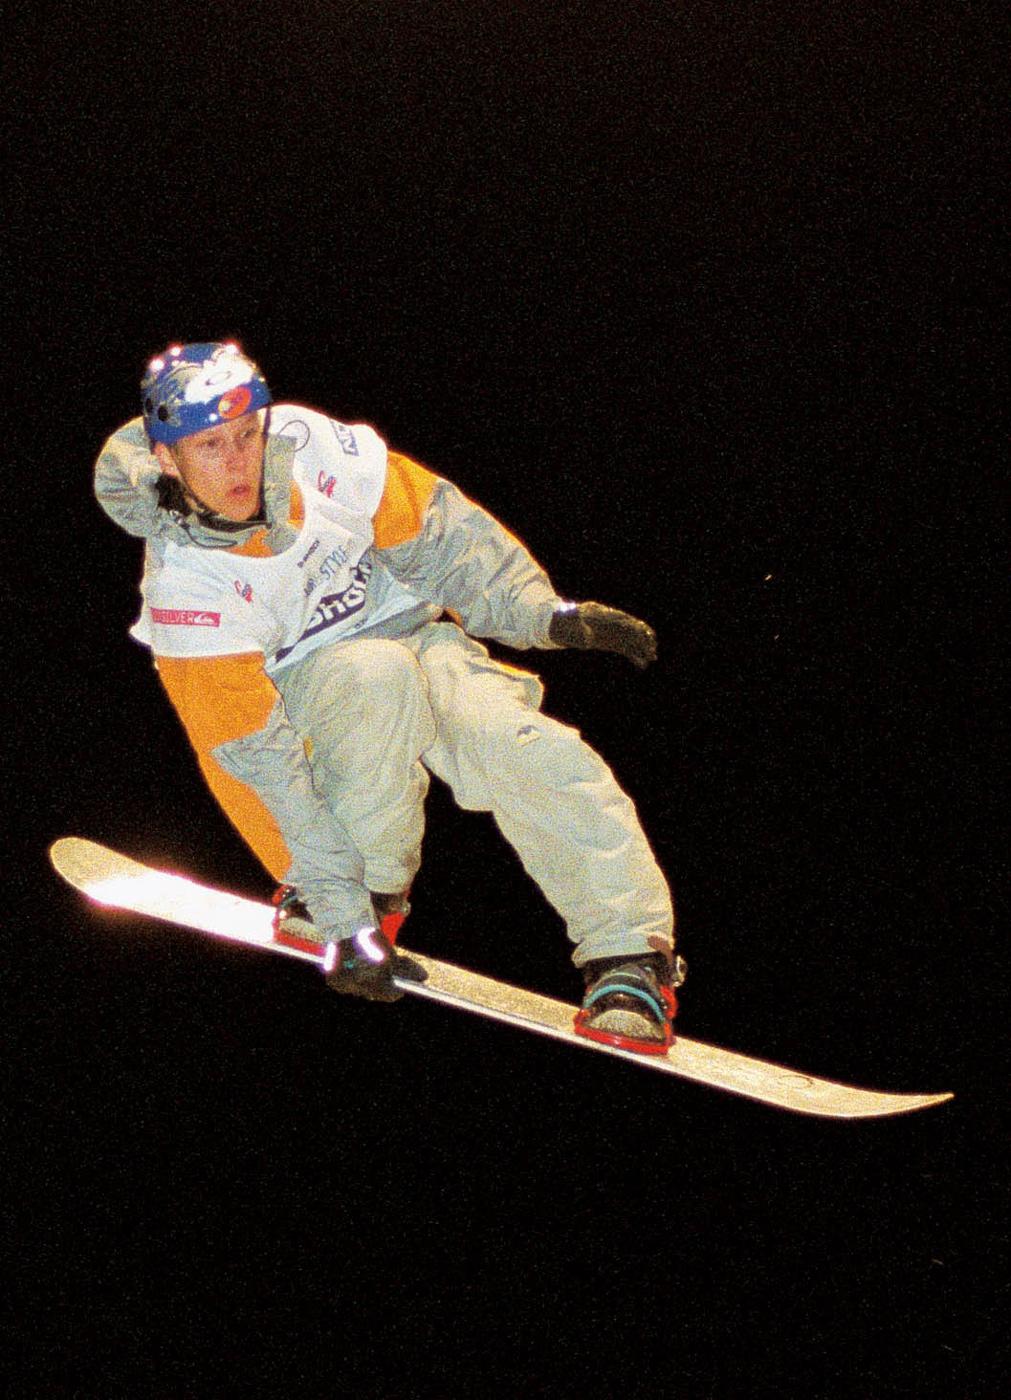 December 2000, Seefeld brWinner: Stefan Gimpl